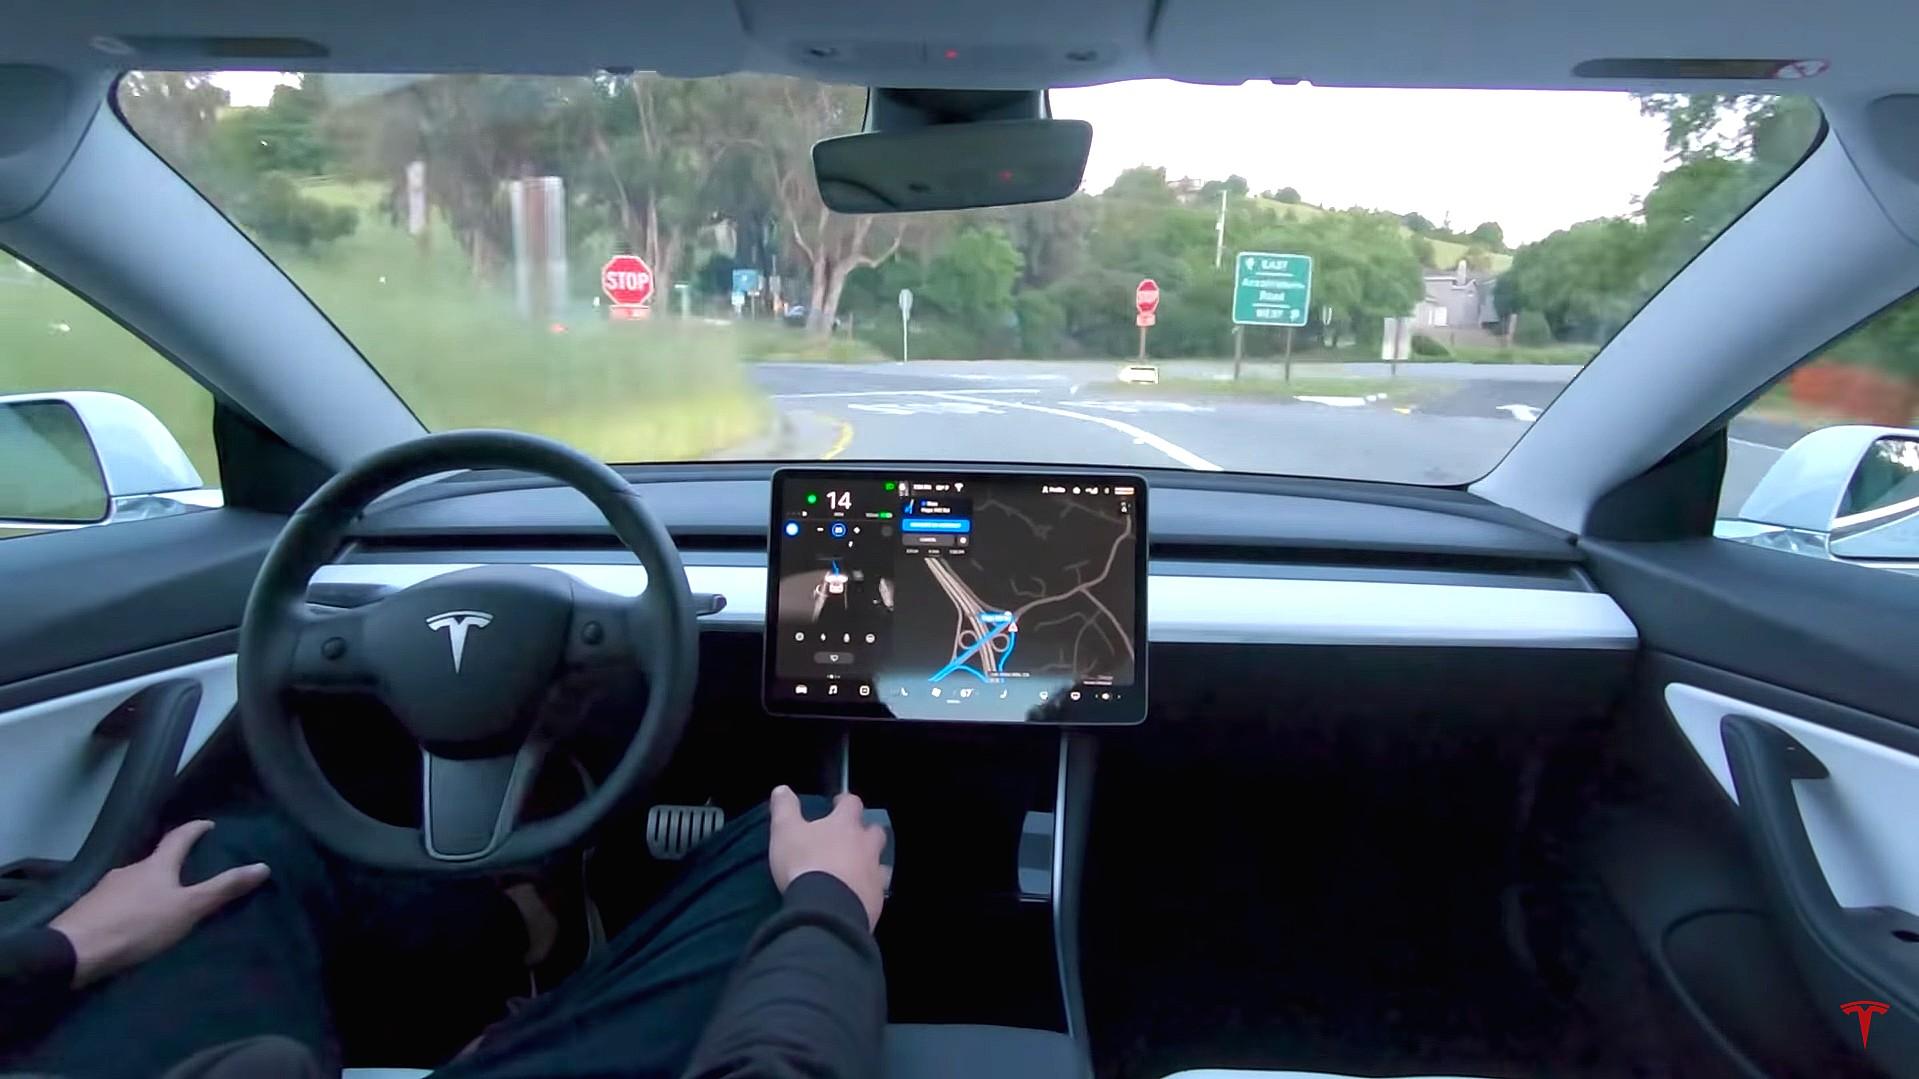 Медведь Tesla (TSLA) скептически относится к автопроизводителю, но говорит, что не сокращайте акции